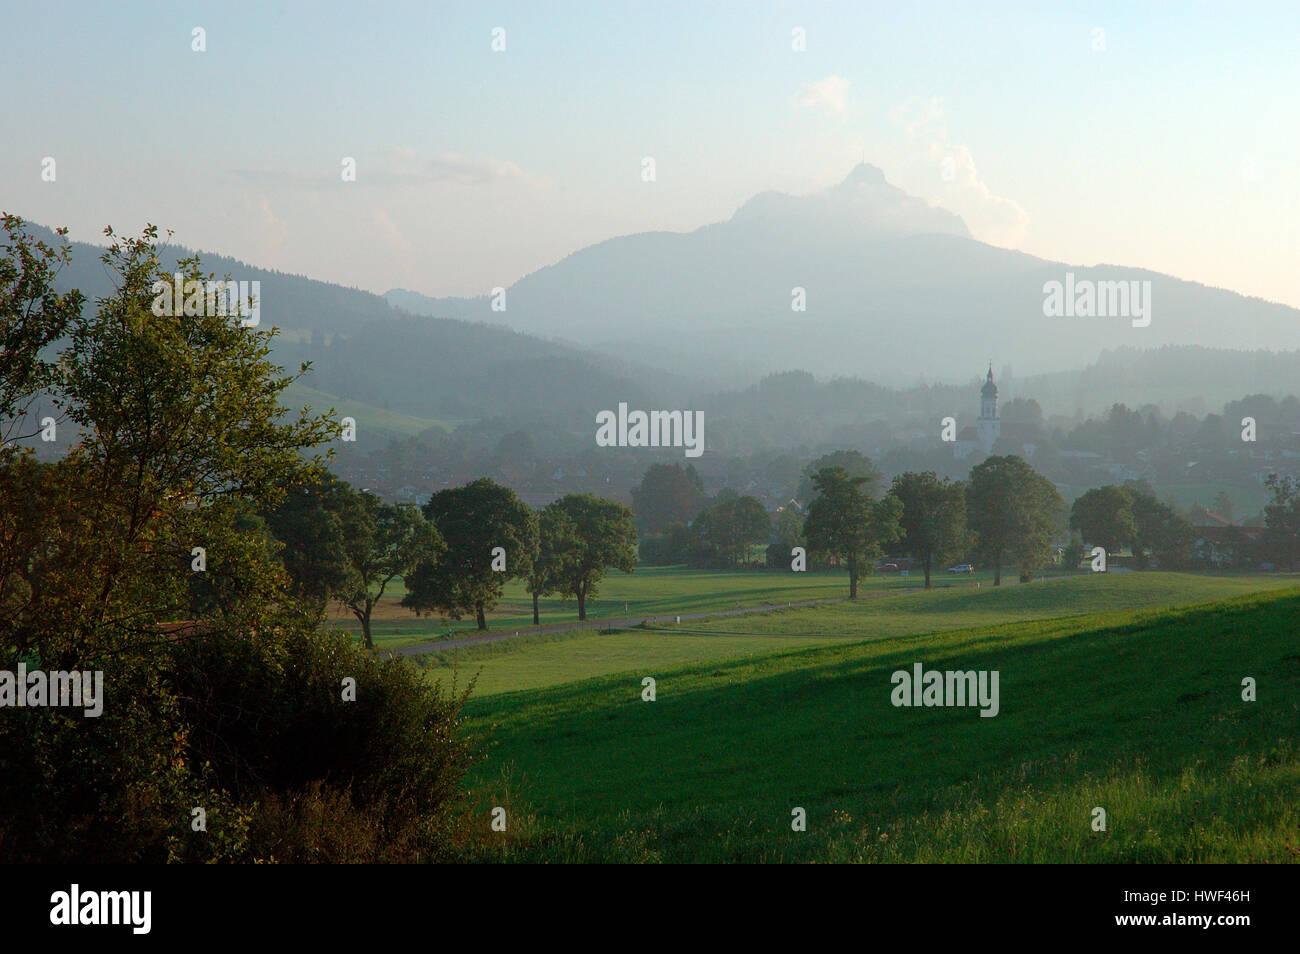 Alpine pastures in the Wertachtal valley with Grünten mountain peak in background, Wertach, Oberallgäu, Bavaria, Stock Photo